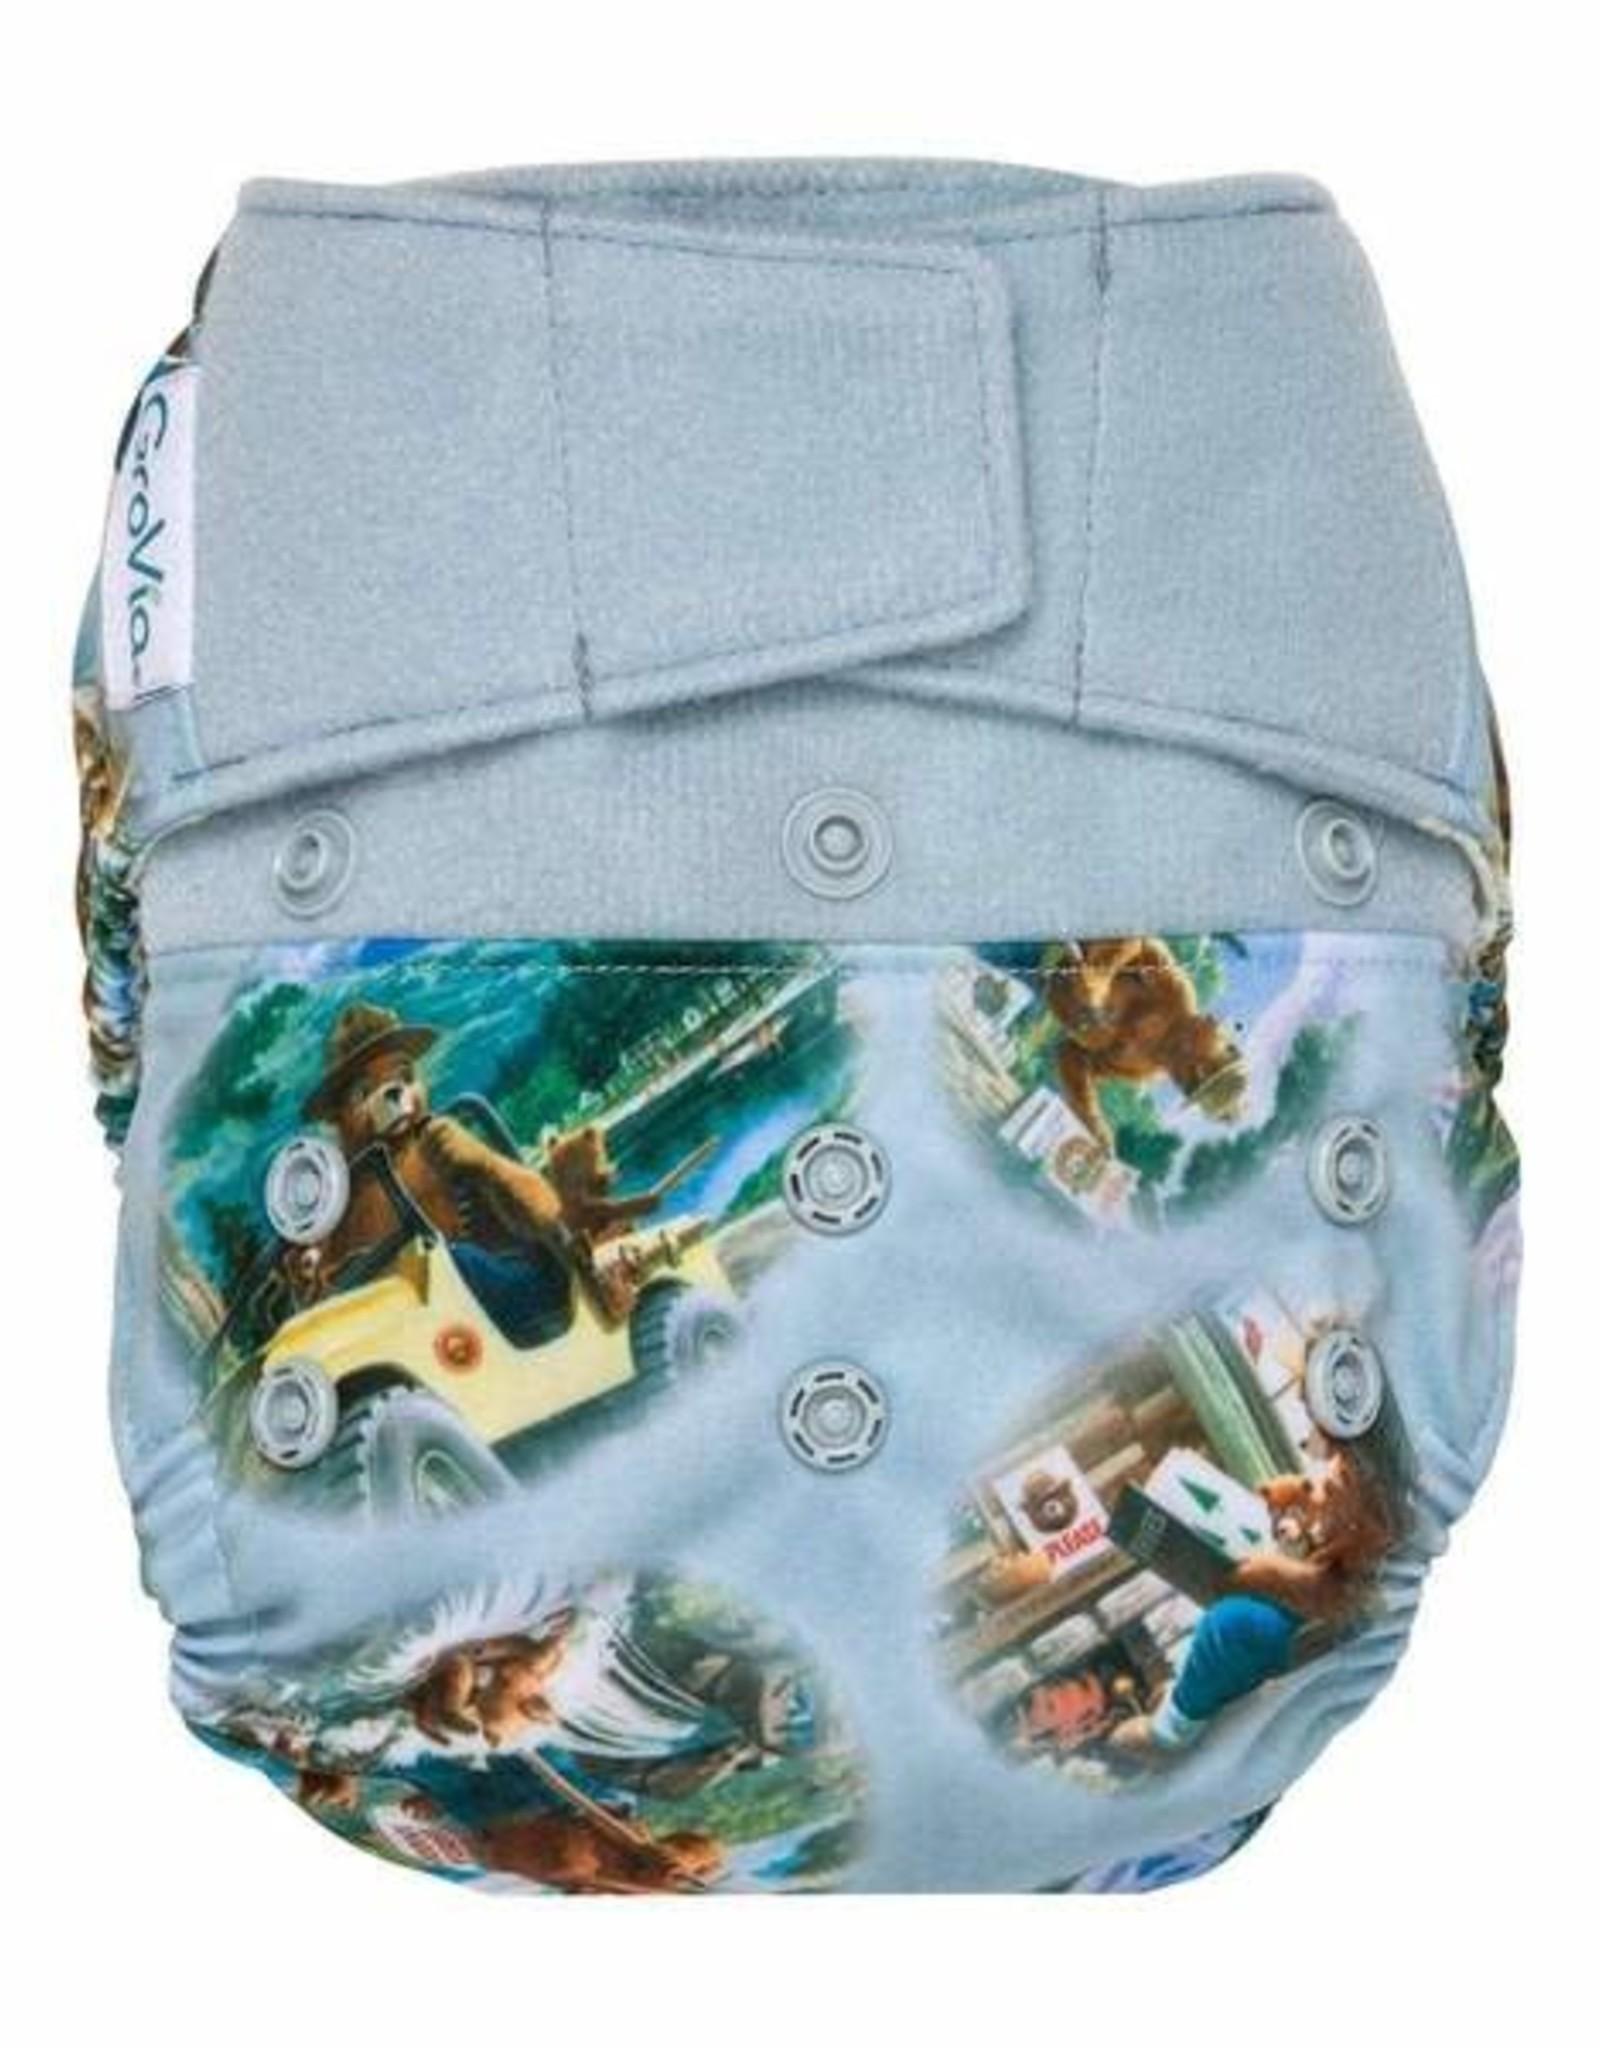 GroVia GroVia - Hybrid Cloth Diapers H&L Shell